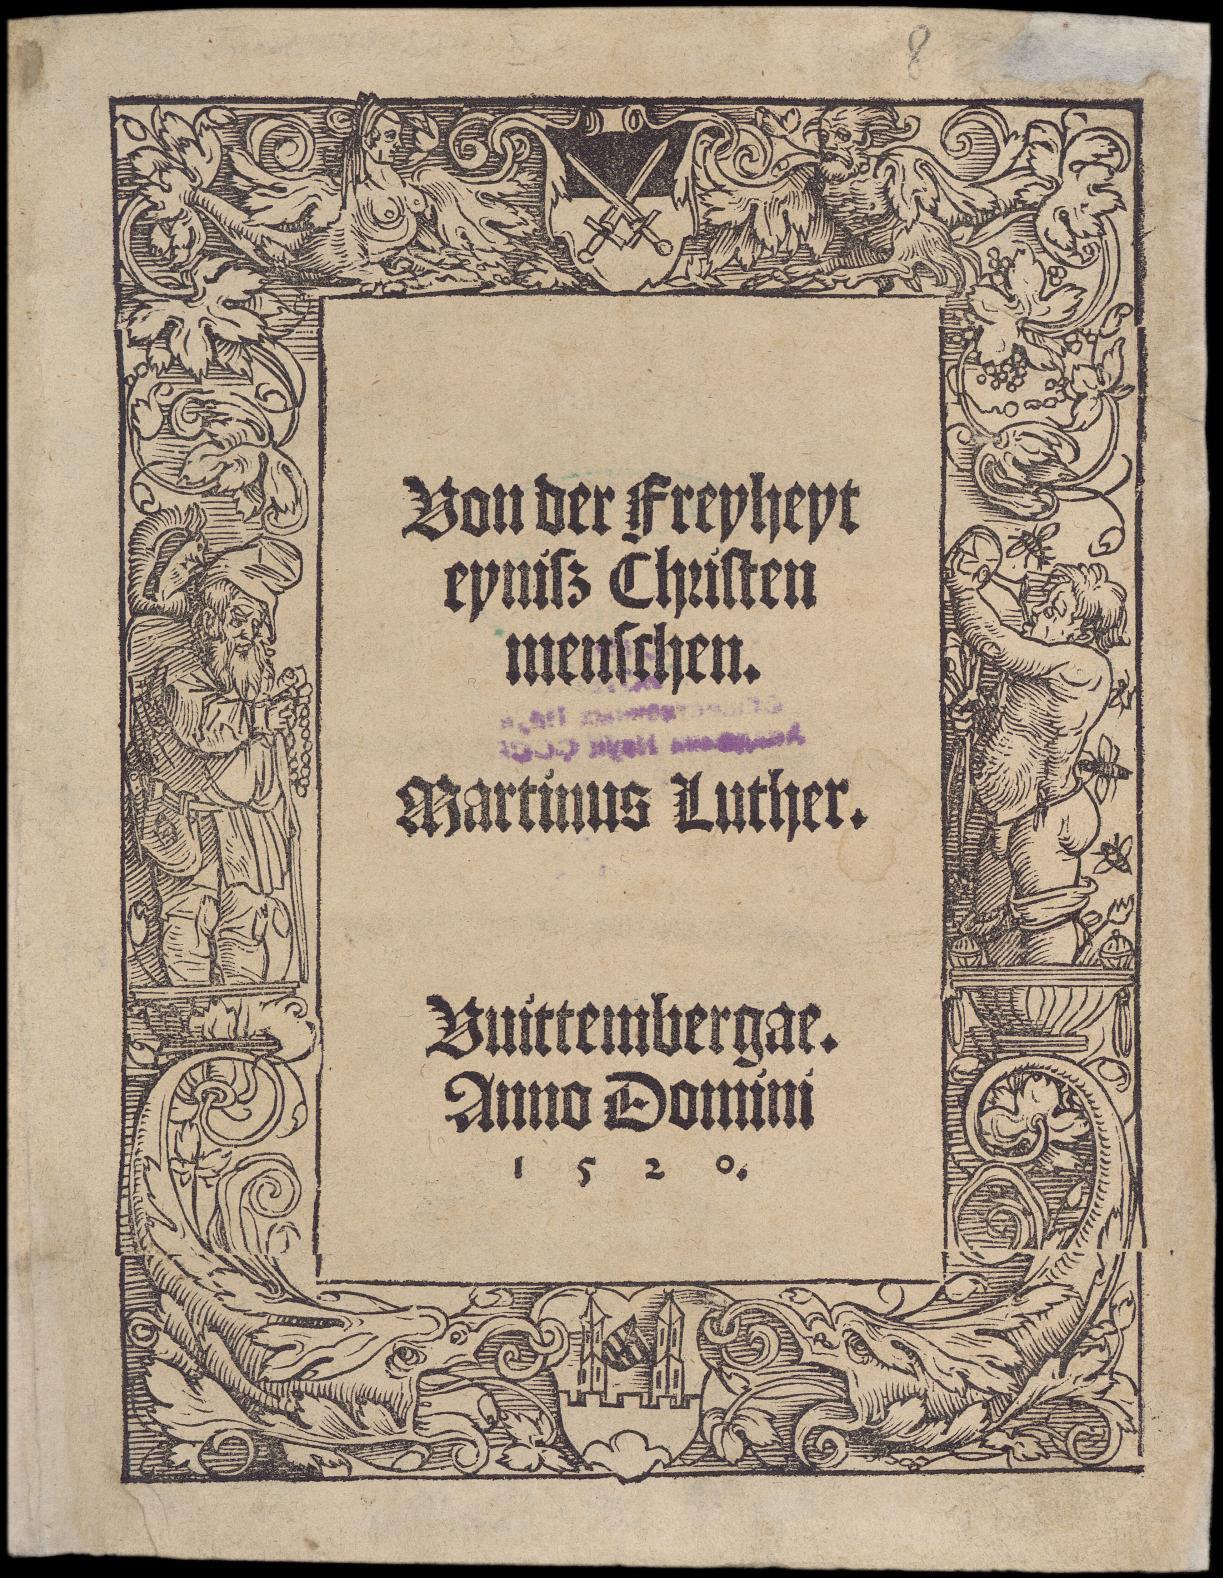 Von der Freyheyt eynisz Christenmenschen. Martinus Luther.